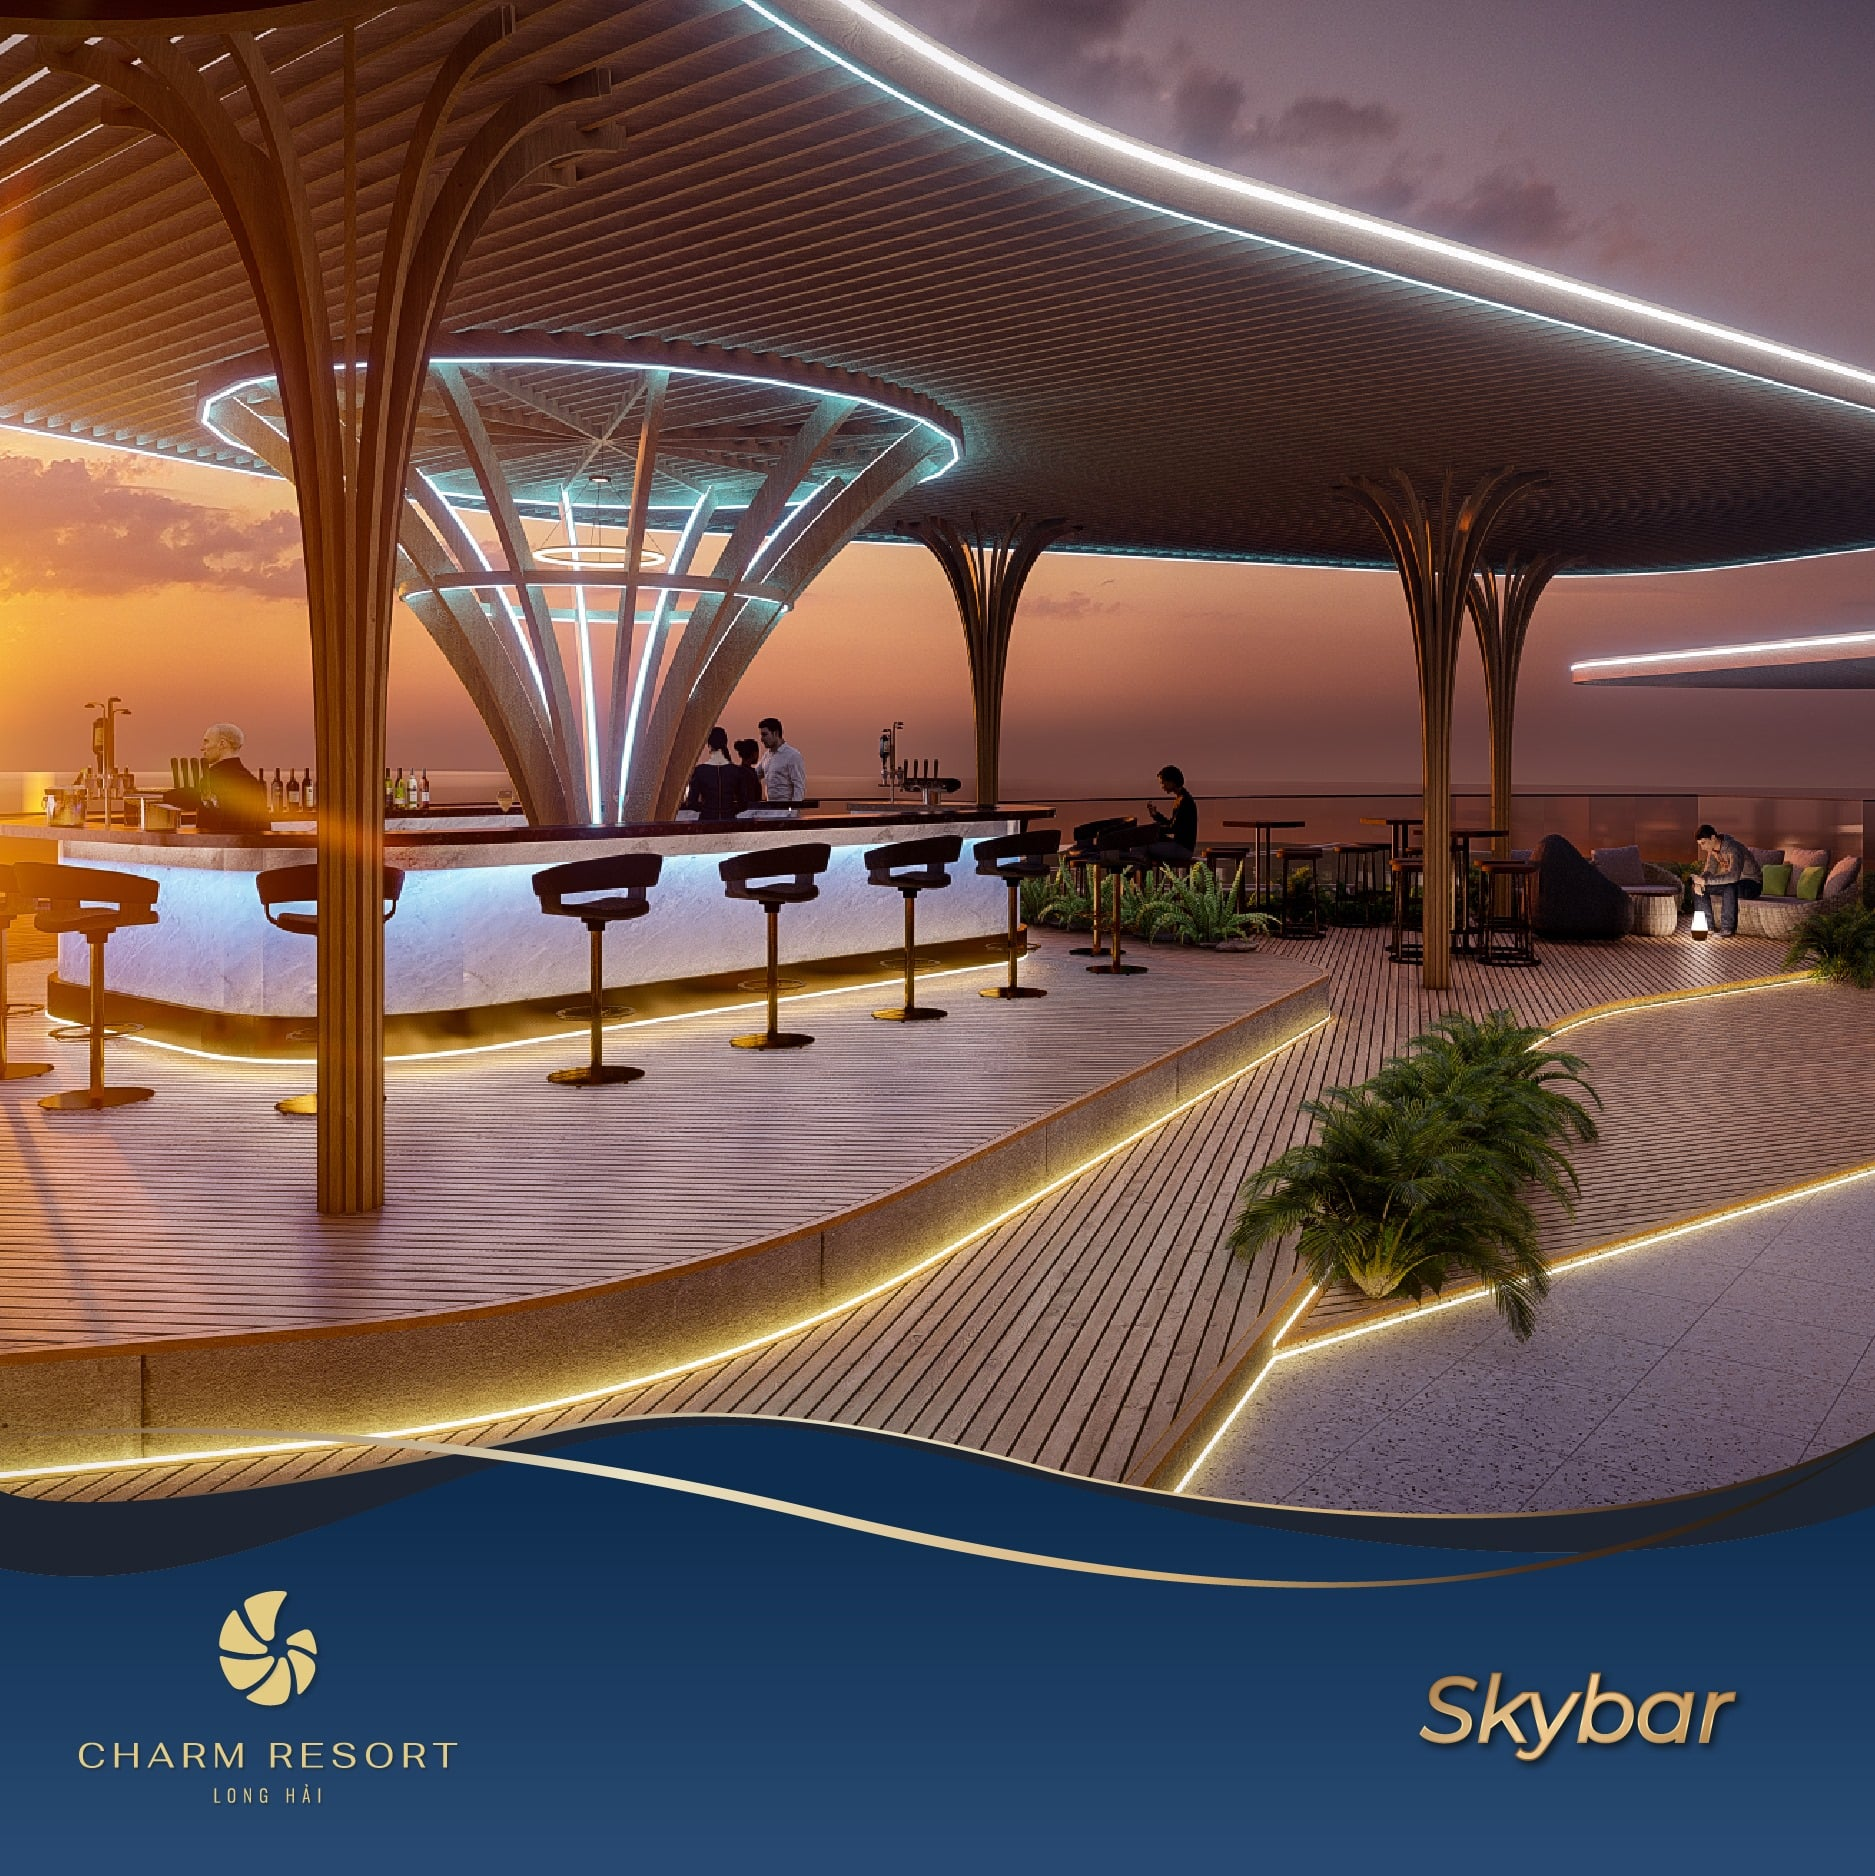 sky-bar-du-an-charm-resort-long-hai